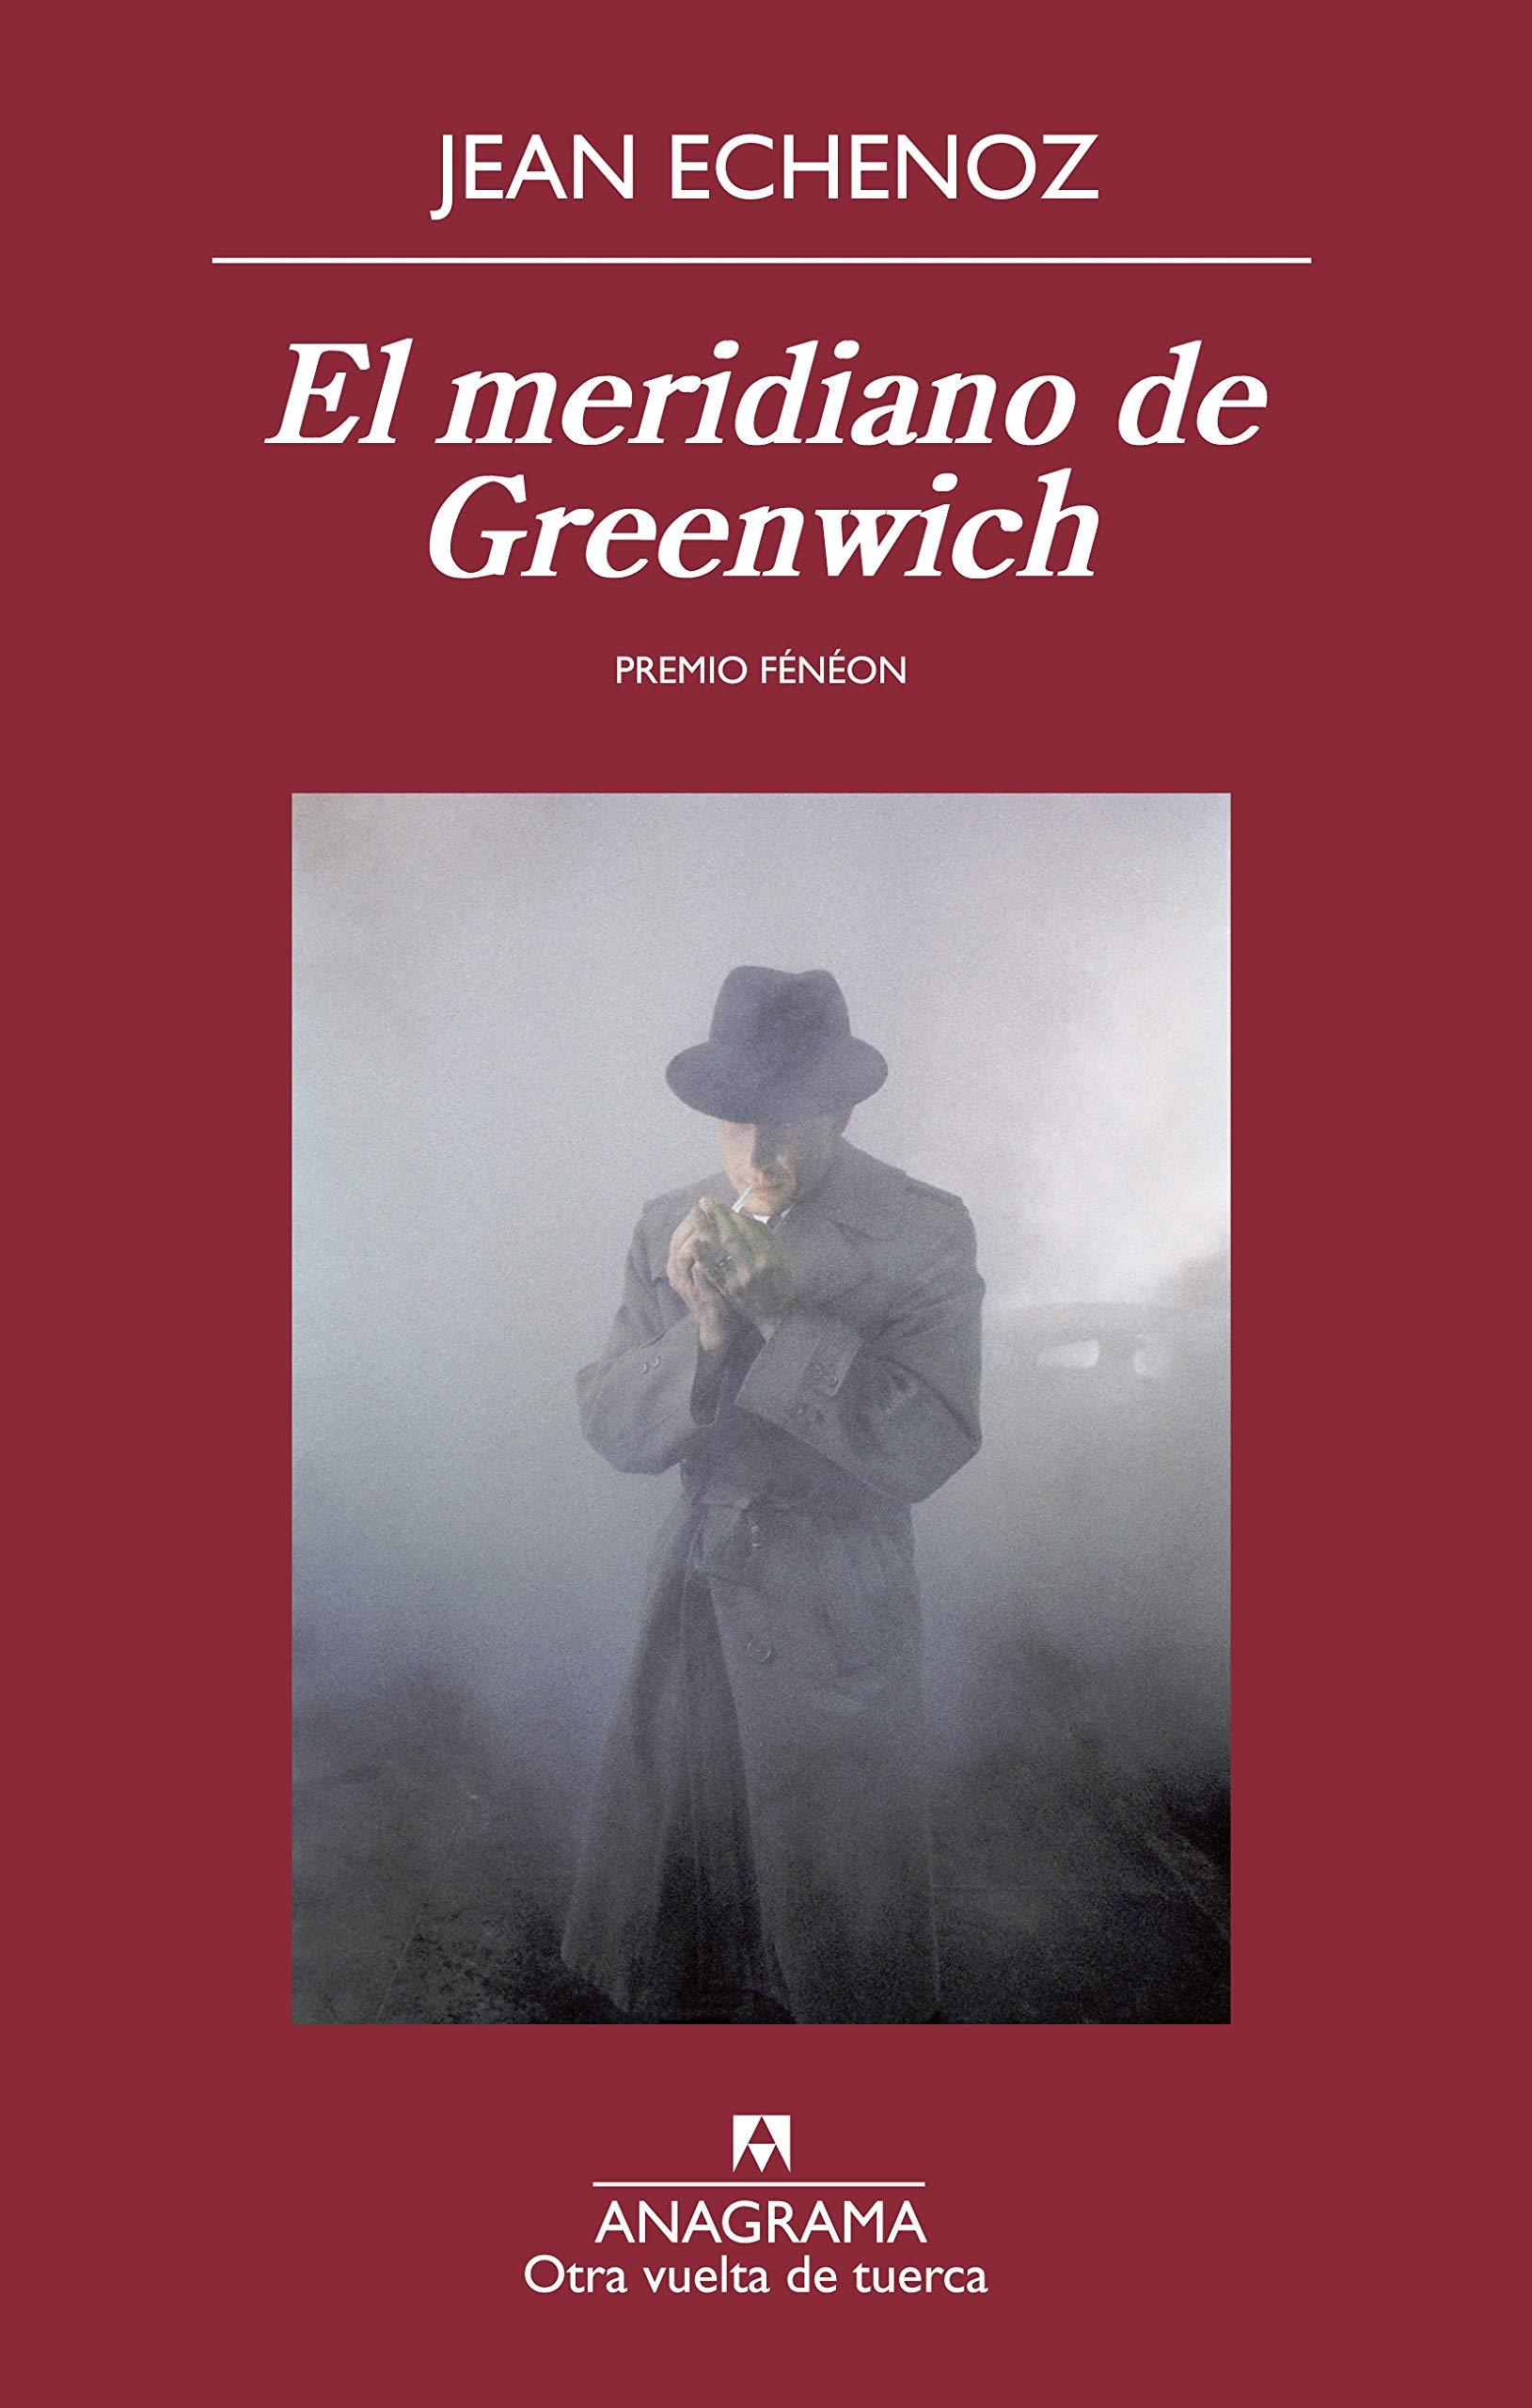 El meridiano de Greenwich (Otra vuelta de tuerca): Amazon.es: Echenoz, Jean, Escué Porta, Josep: Libros